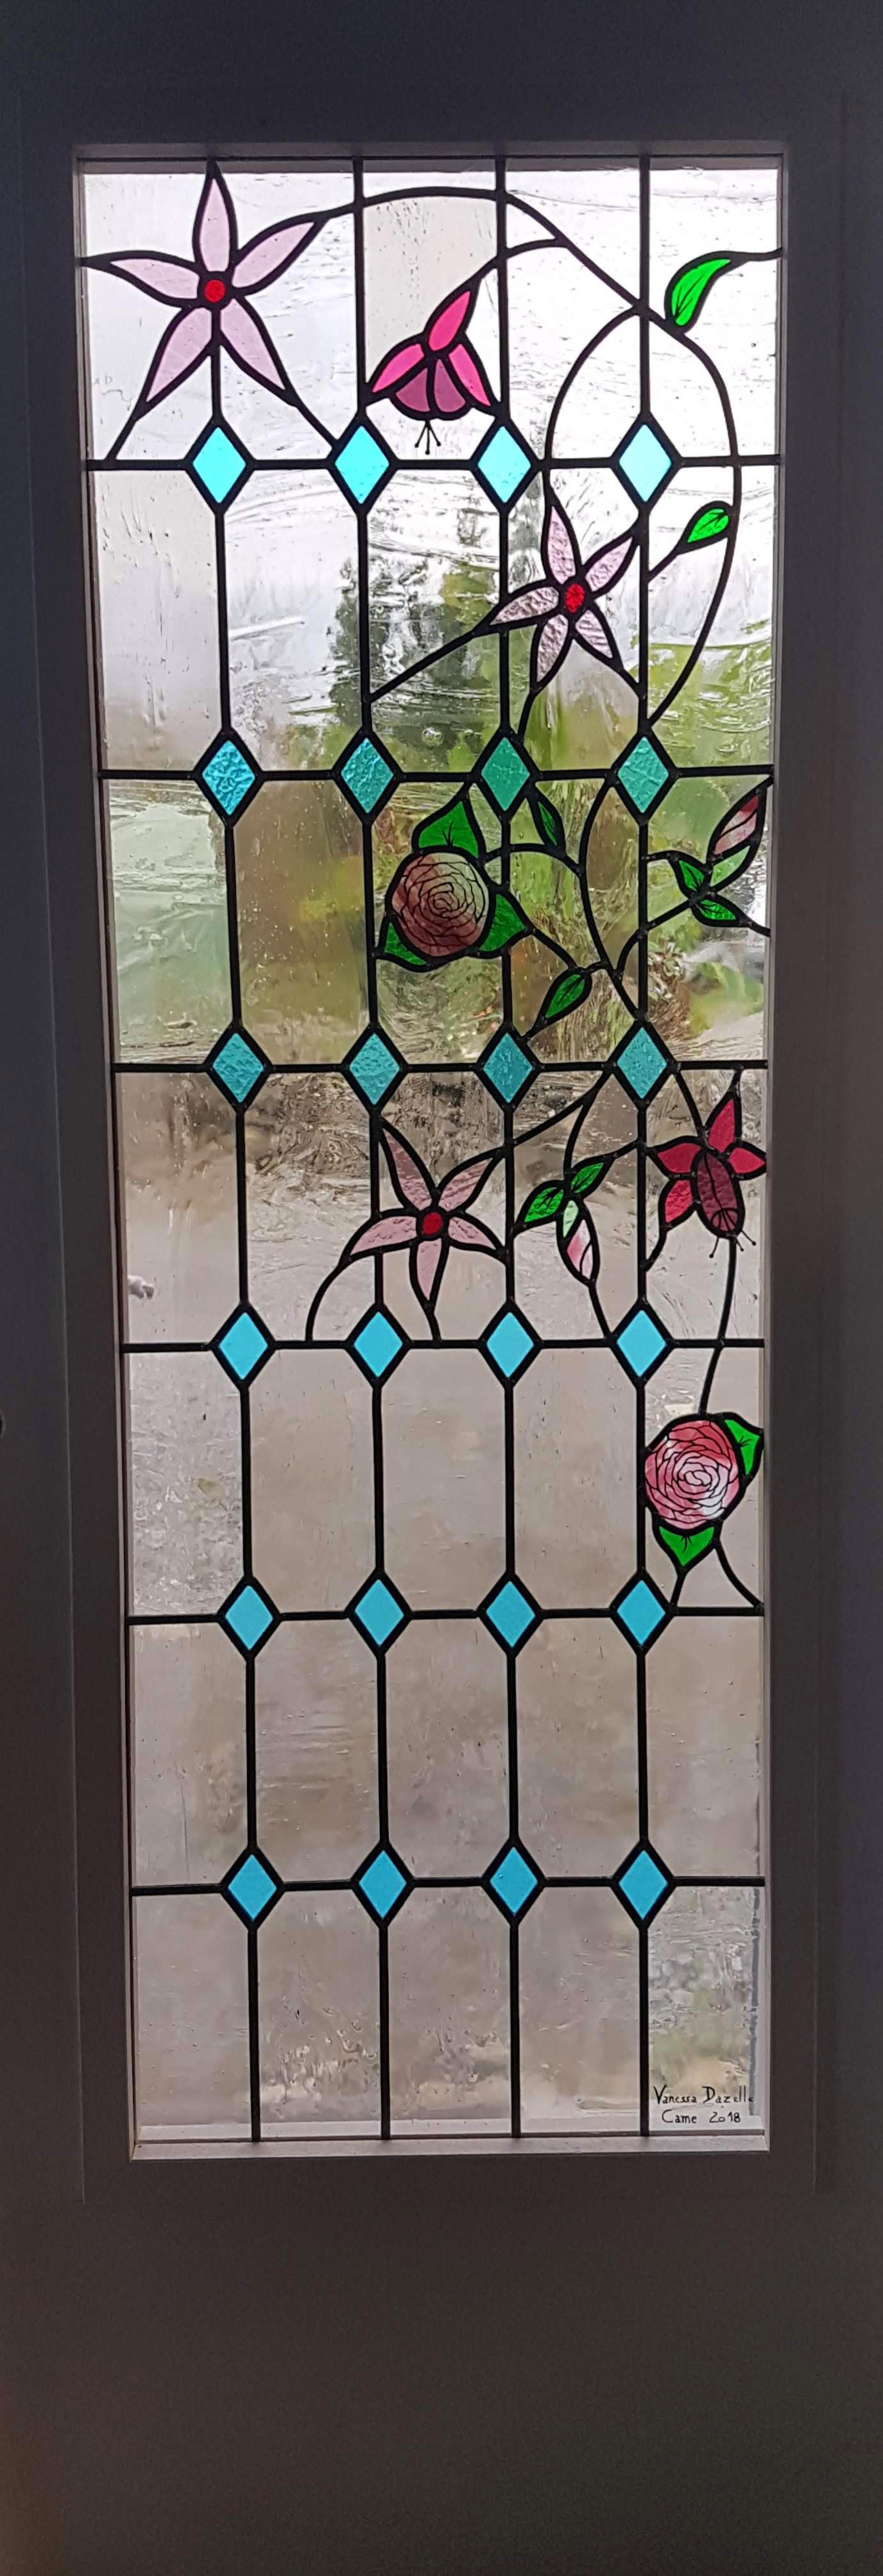 transformation d une porte int rieure vitrail pau vitraux d 39 art vanessa dazelle. Black Bedroom Furniture Sets. Home Design Ideas